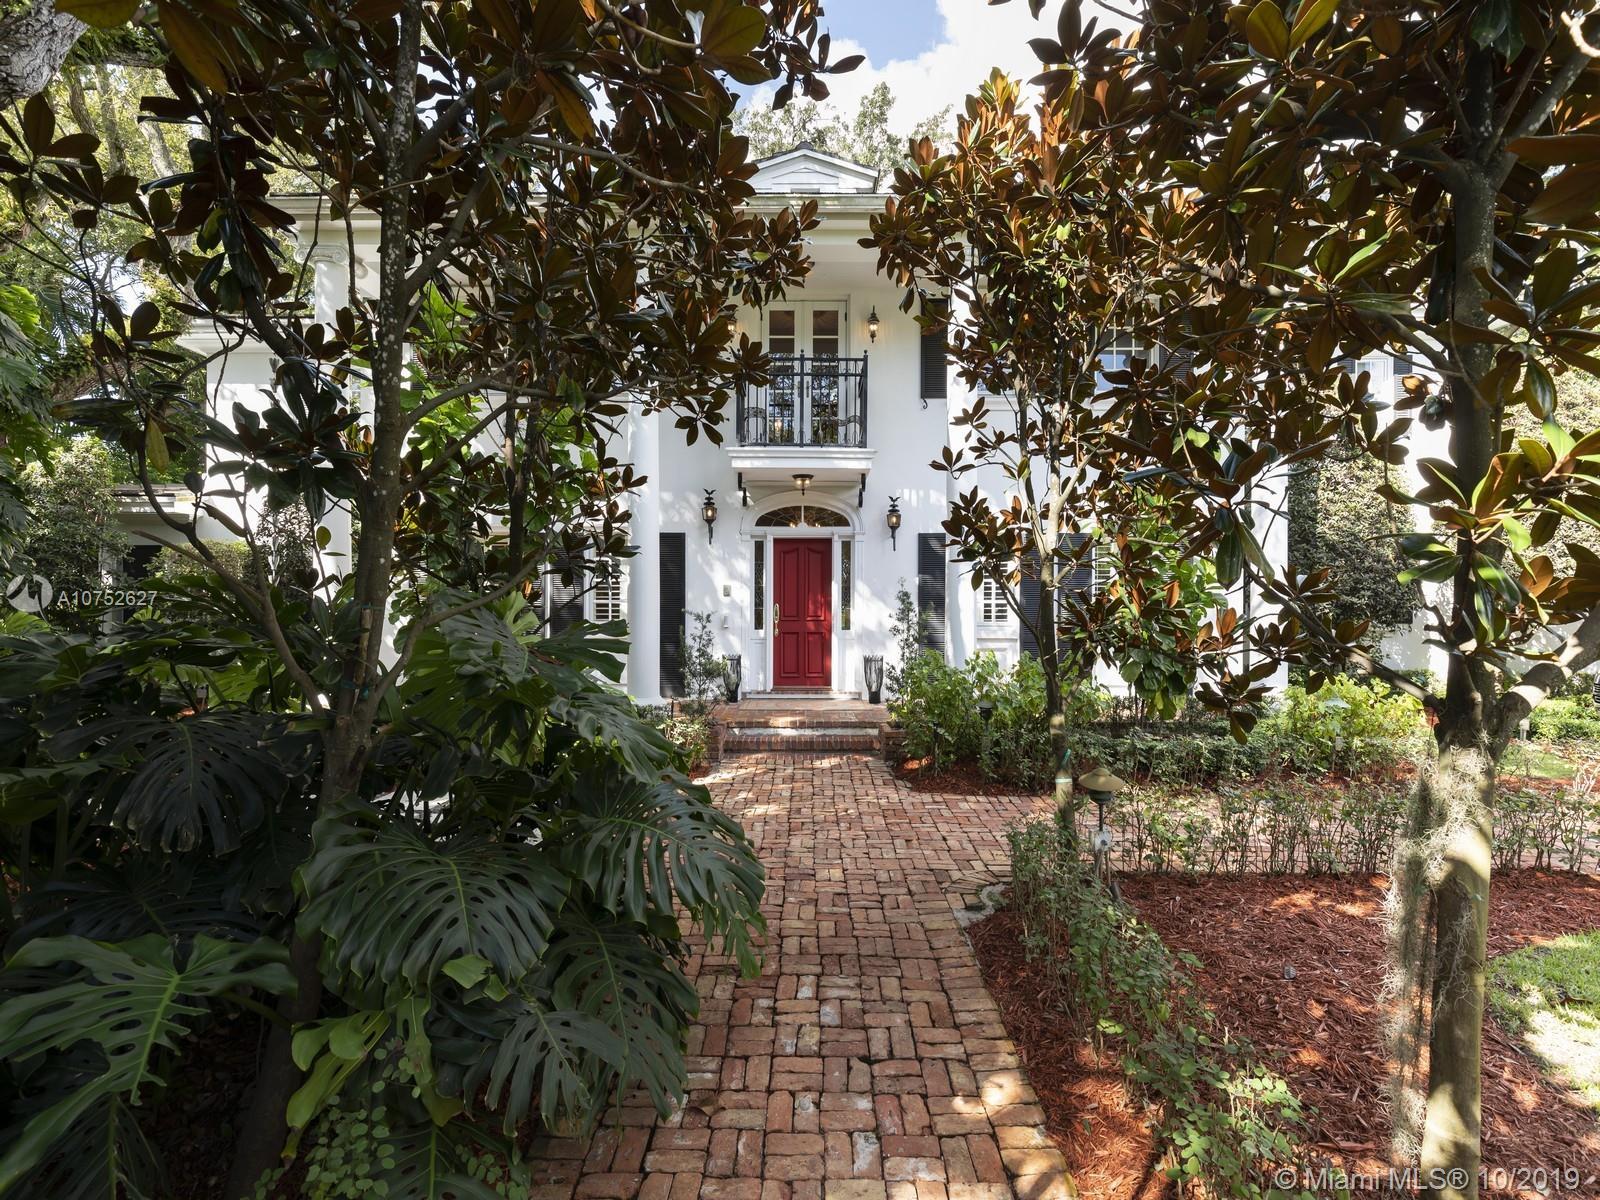 6400 Granada Blvd, Coral Gables, FL 33146